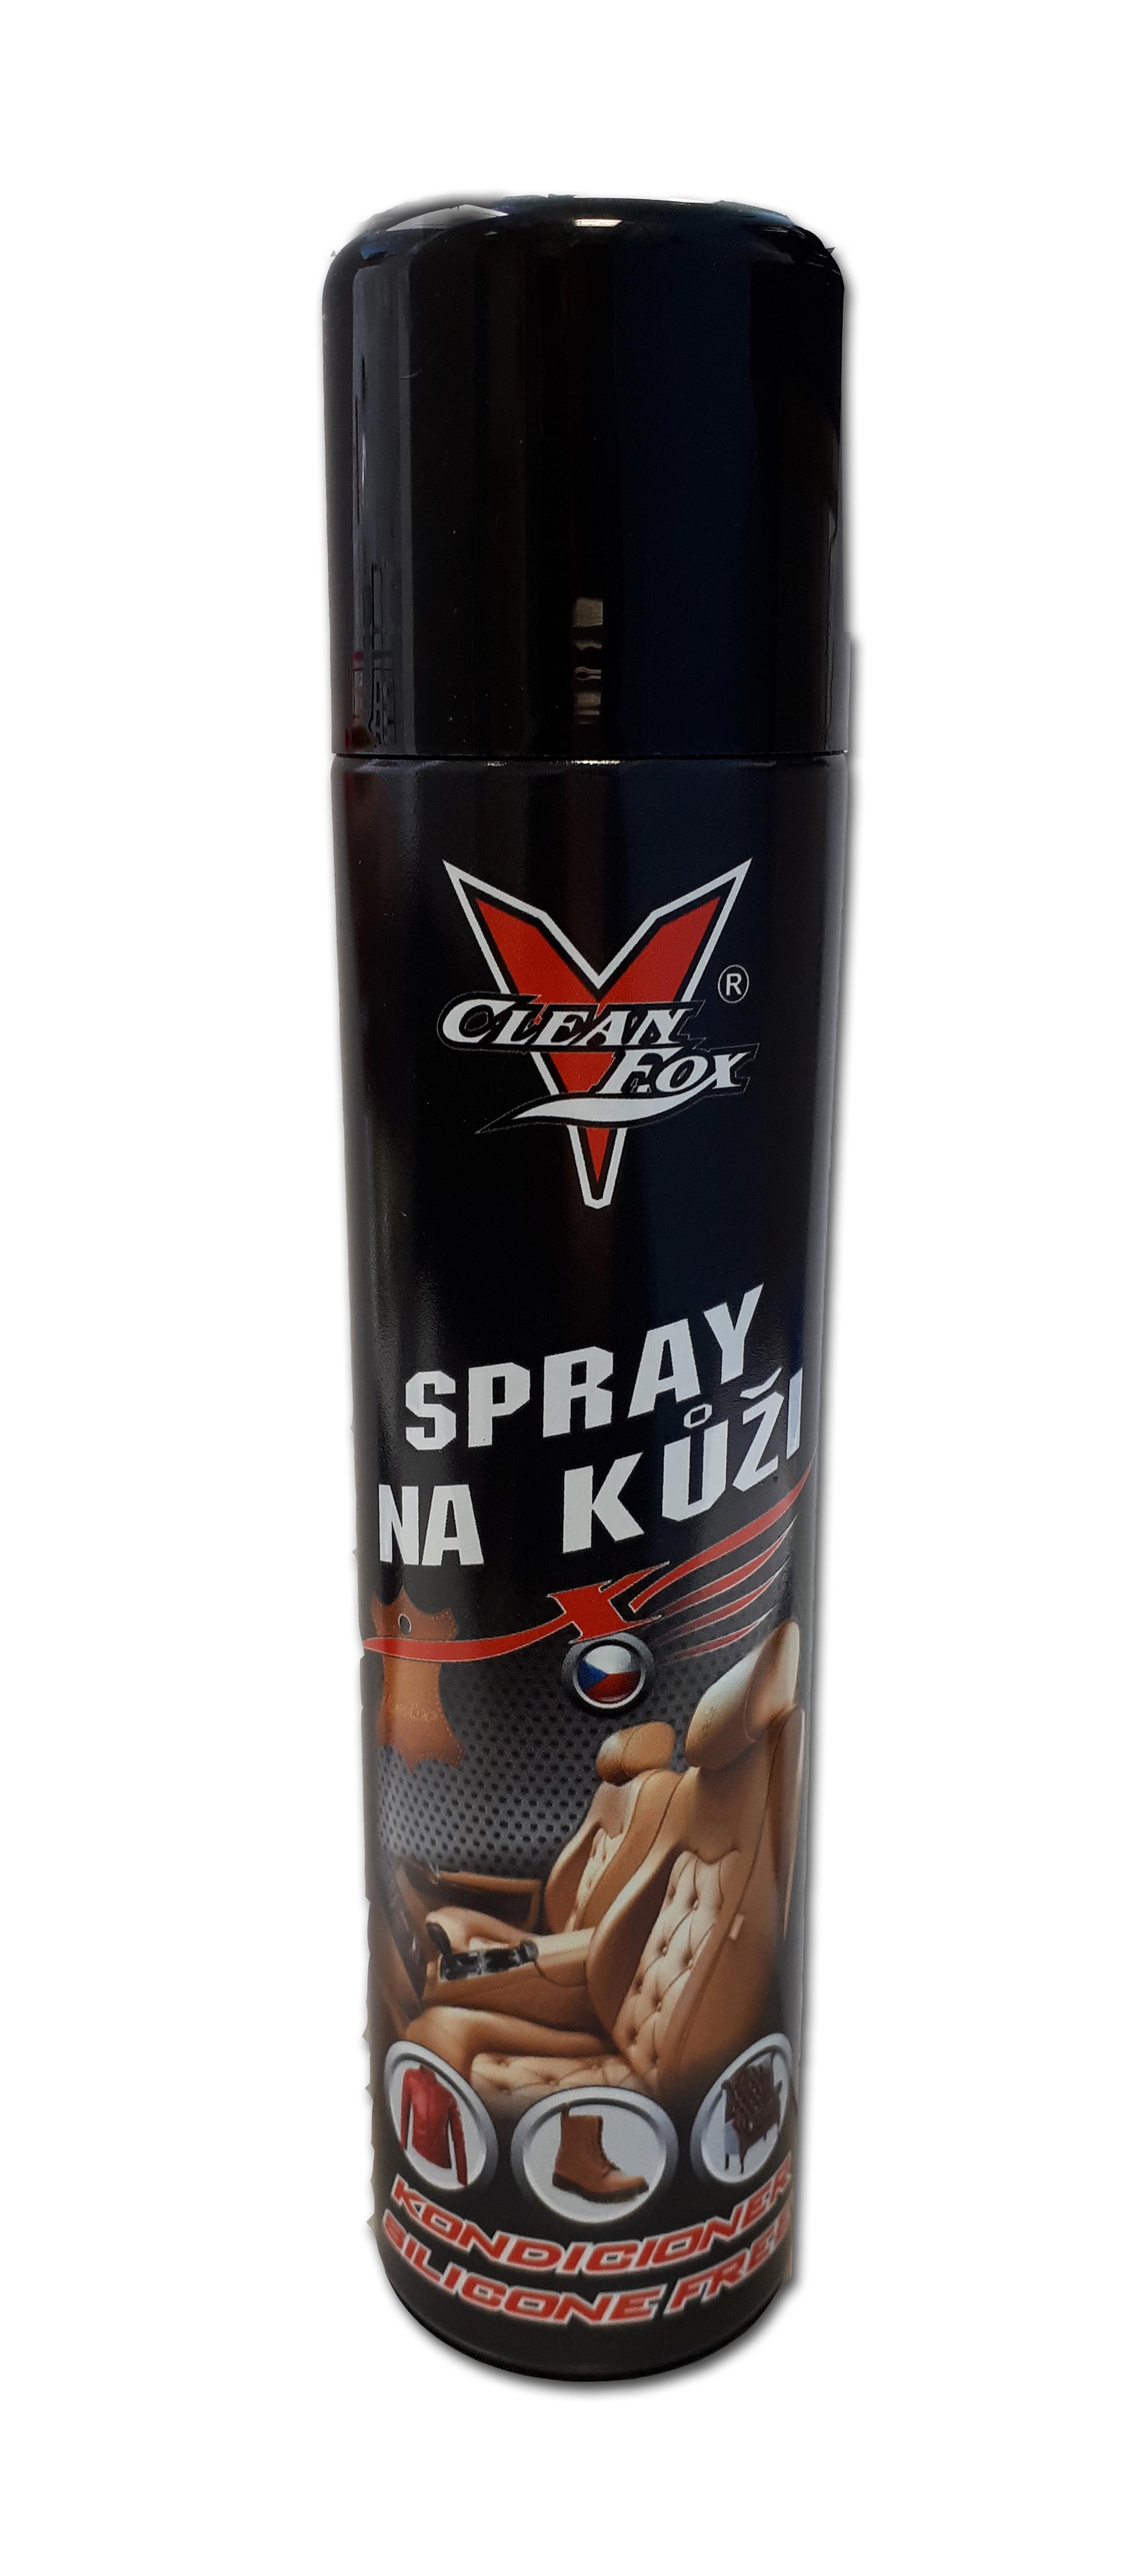 CLEANFOX Spray na kůži, 400 ml